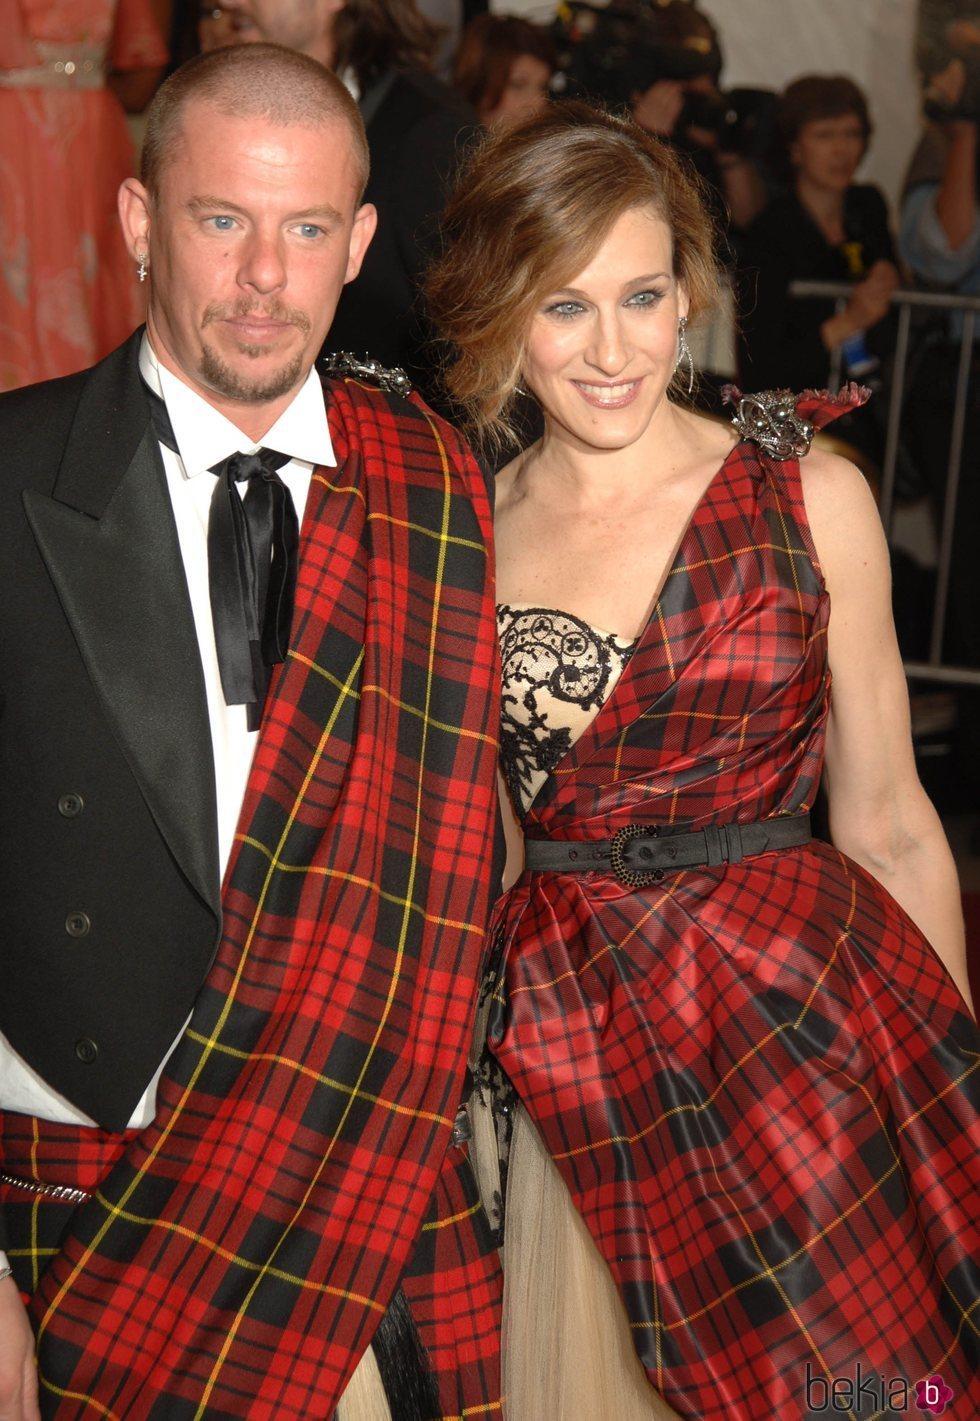 Alexander McQueen y Sarah Jessica Parker en la gala del Met 2006